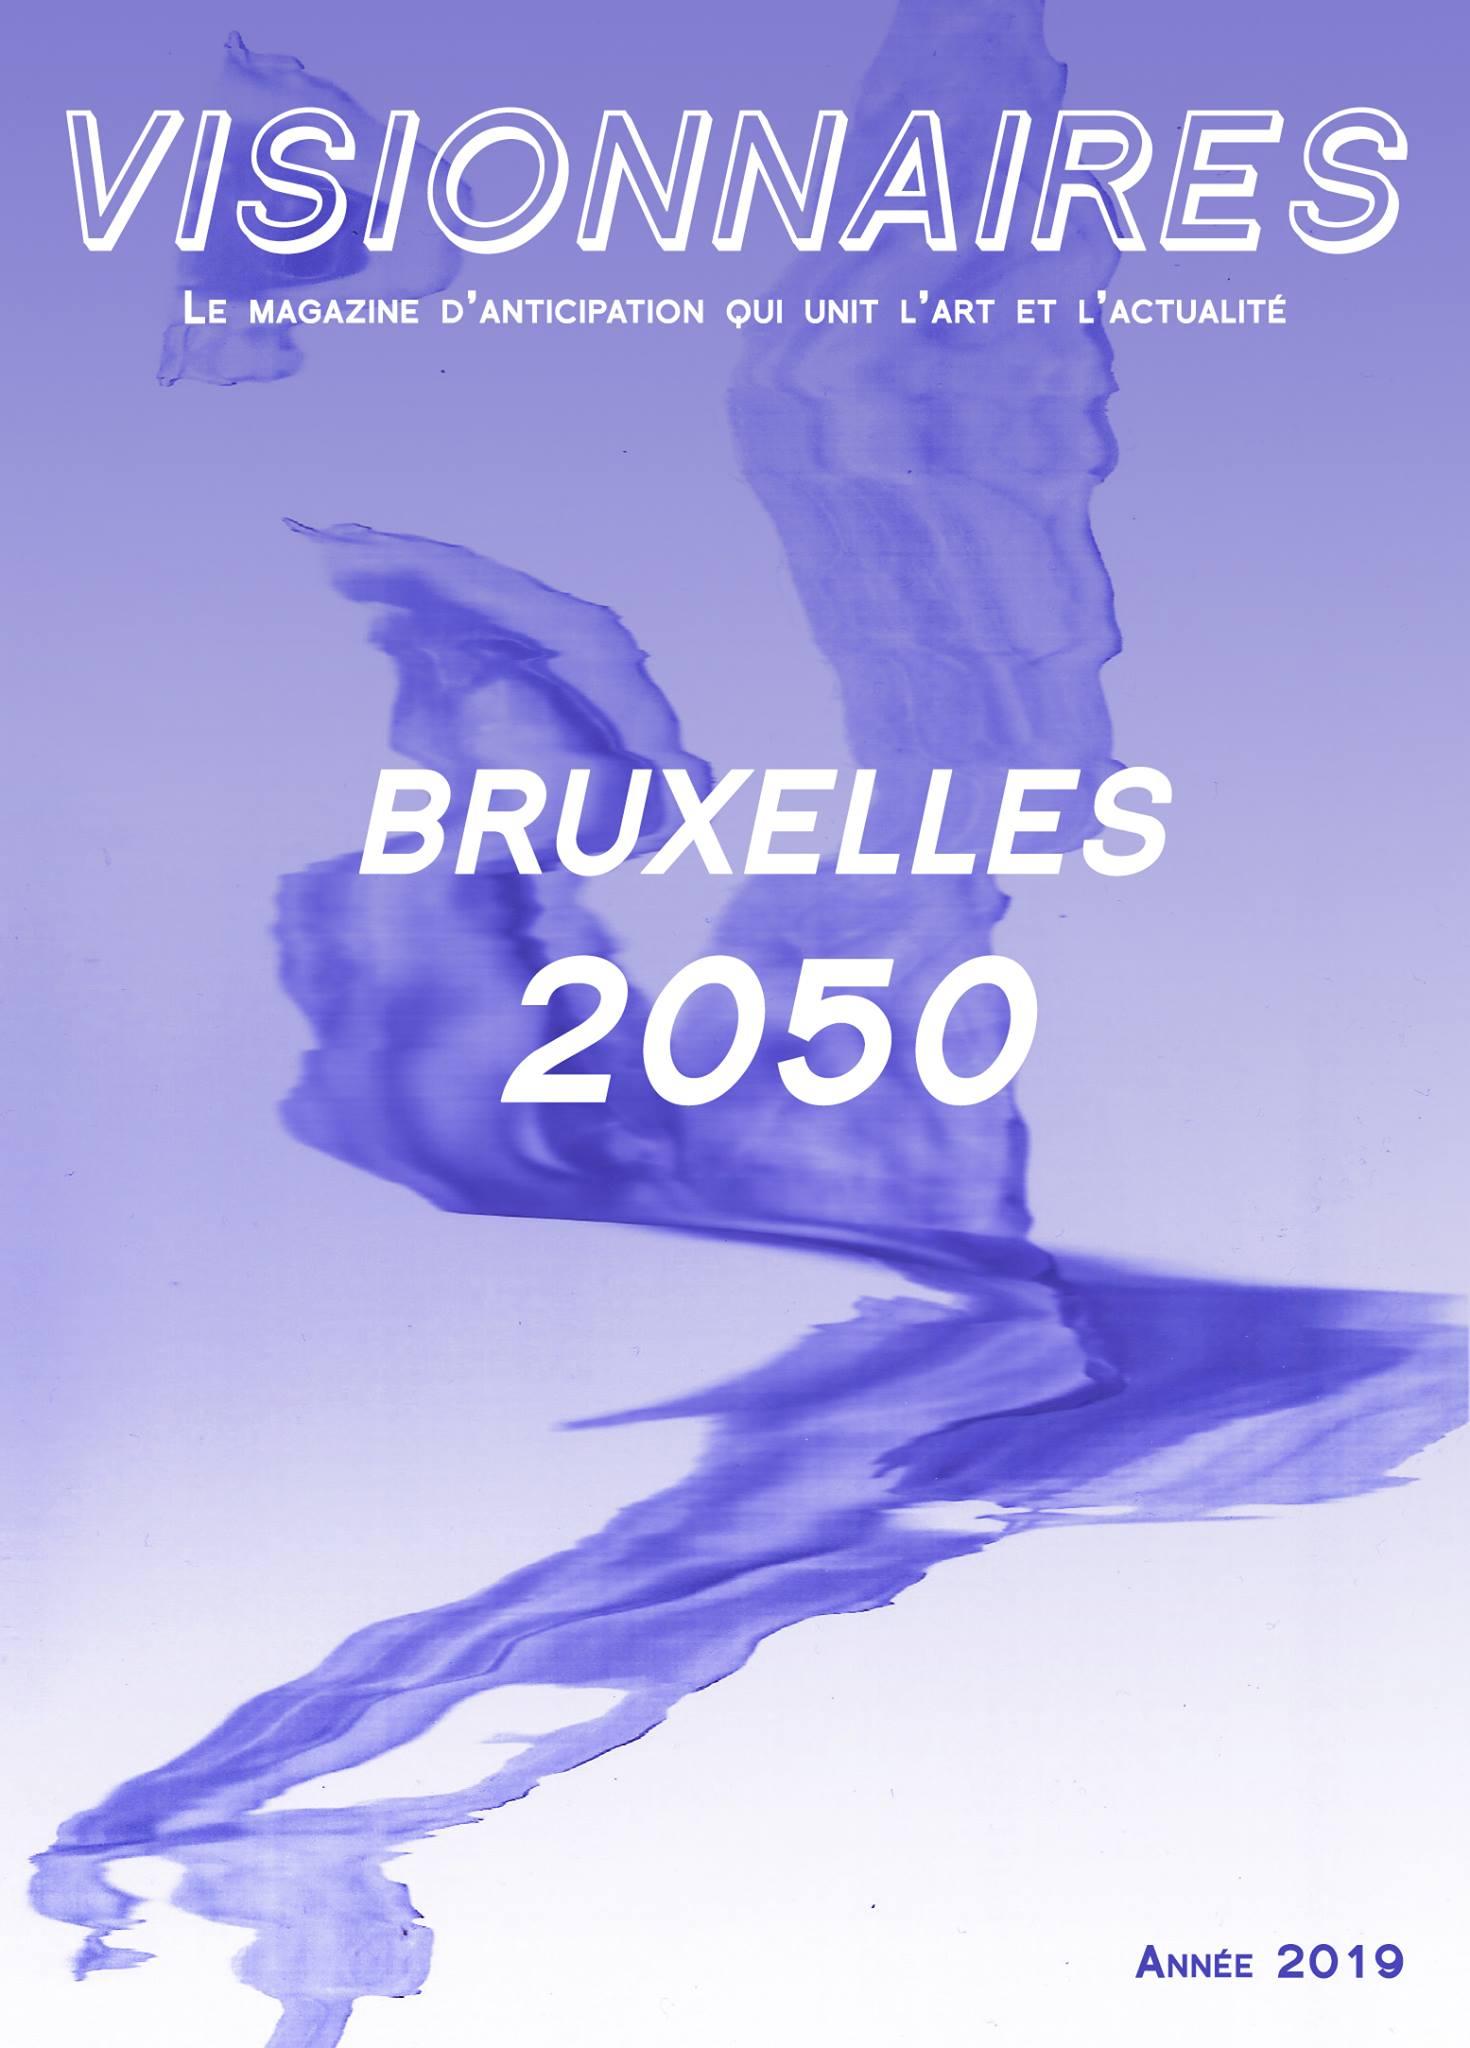 Bruxelles en 2050